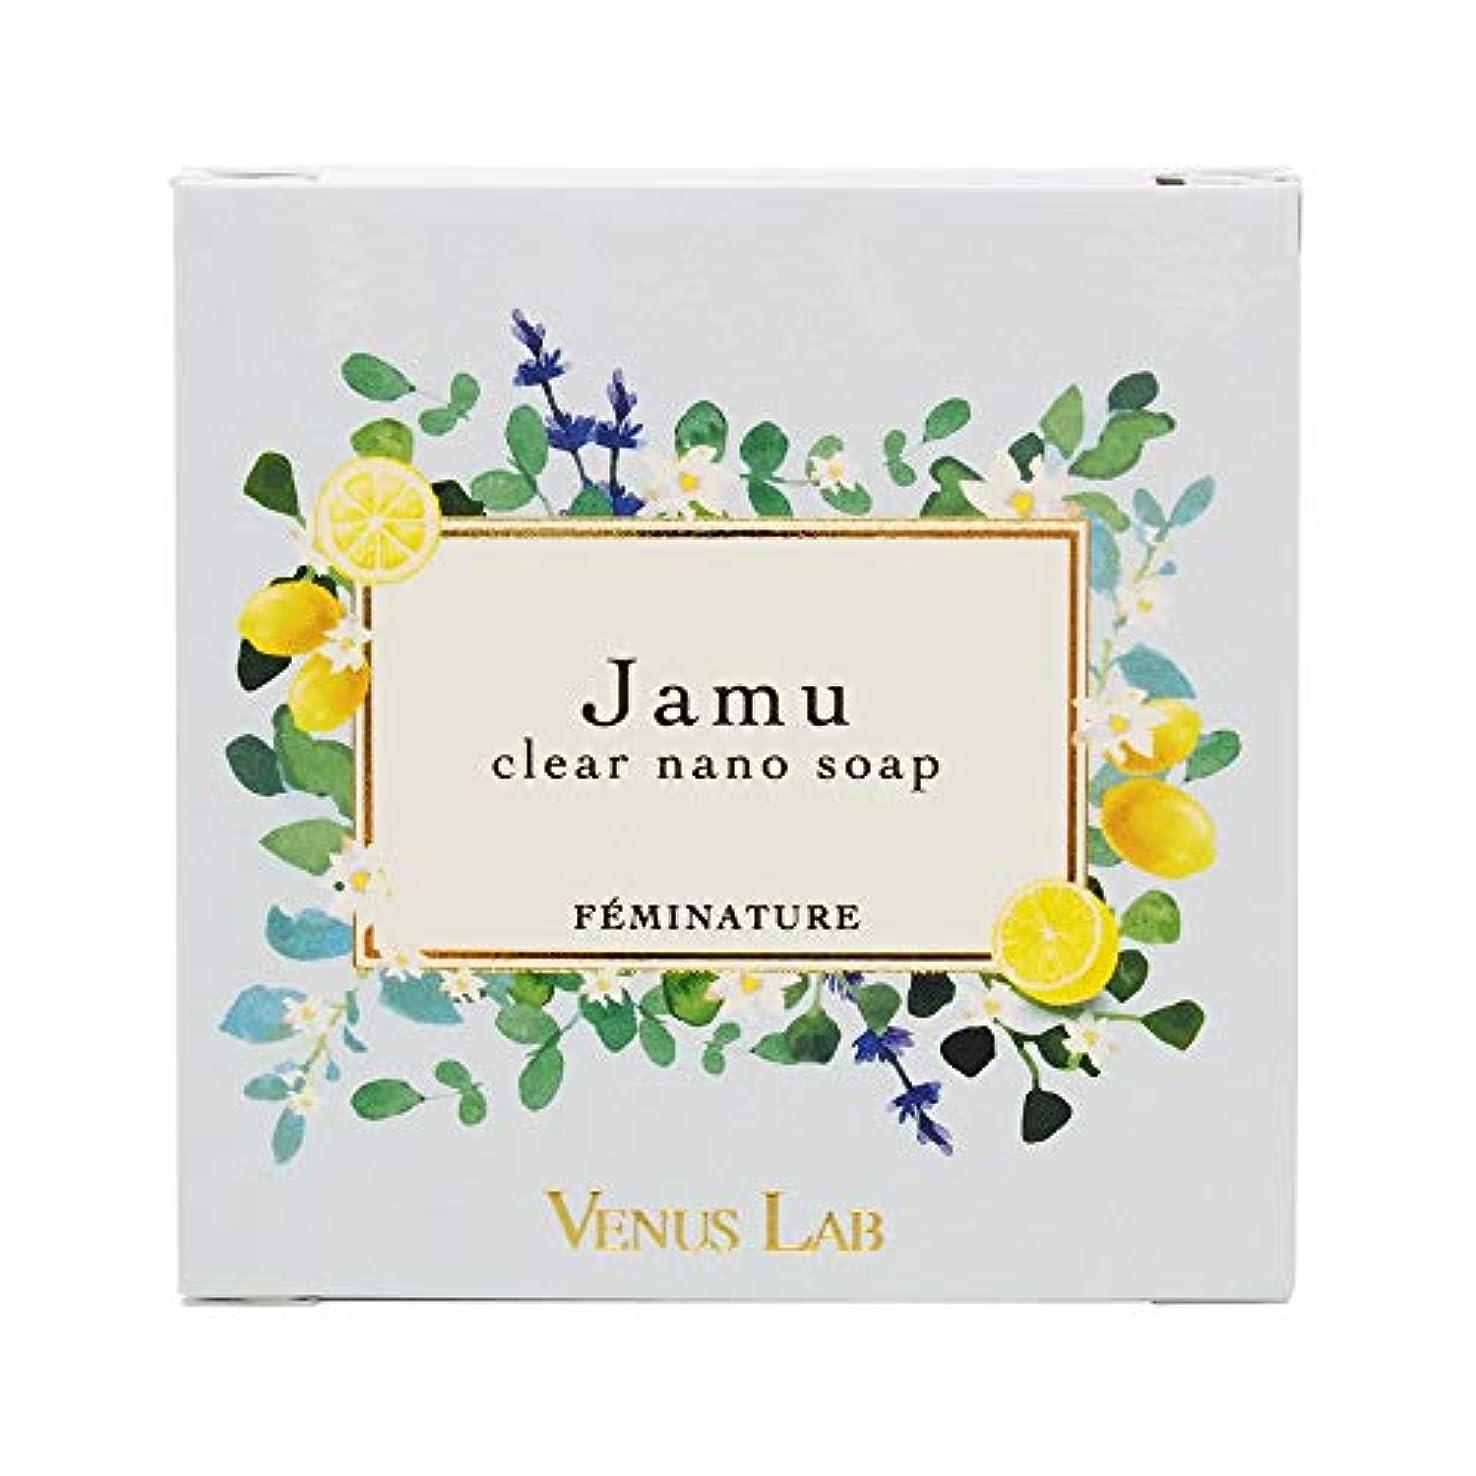 言語戦う迷信ヴィーナスラボ フェミナチュール ジャムウクリアナノソープ 石鹸 レモングラスの香り 100g